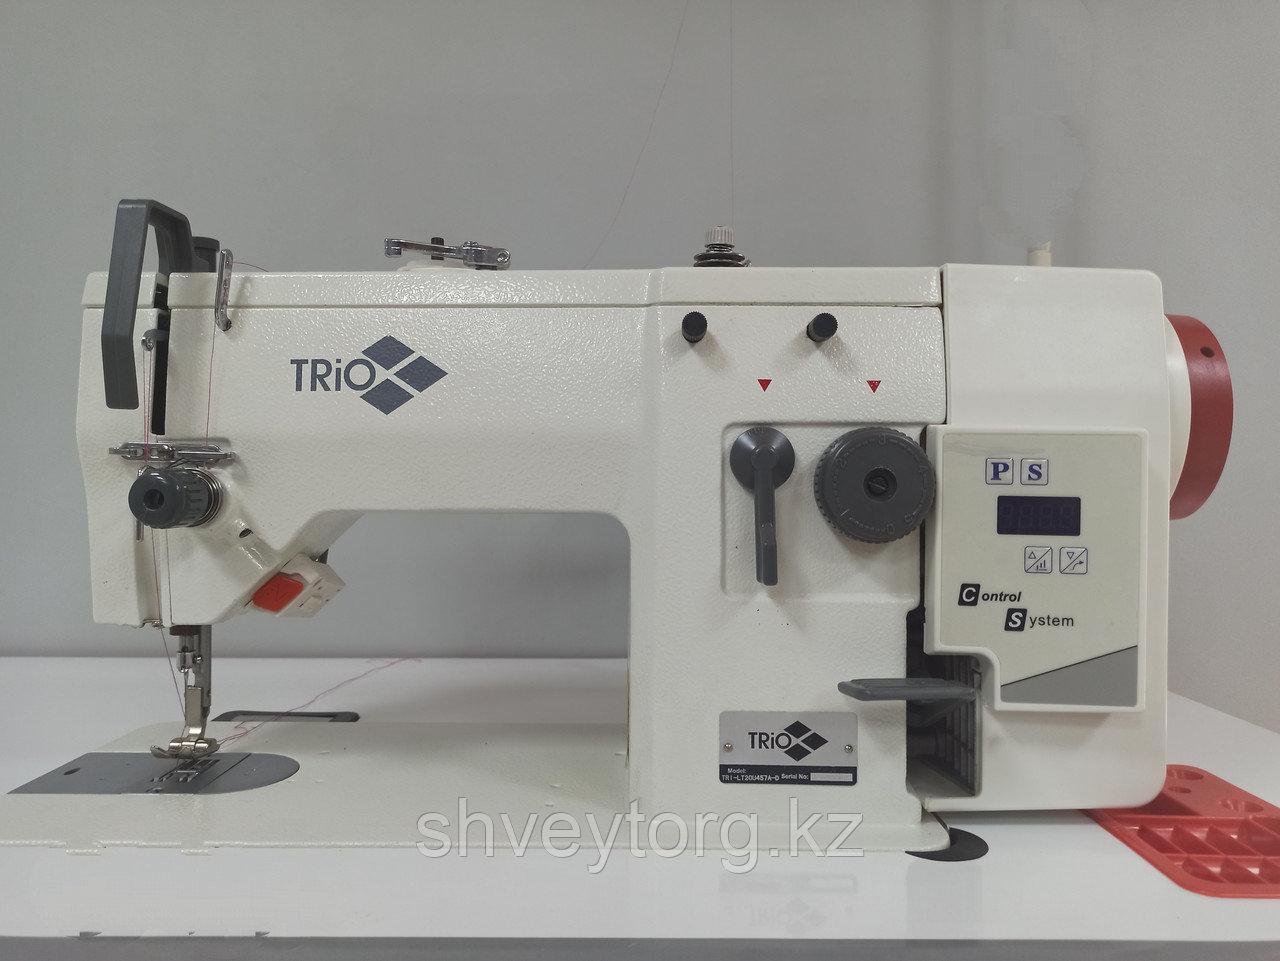 Промышленная одноигольная  швейная машина строчки ЗИГЗАГ TRIO TRI-LT 20U457A-D